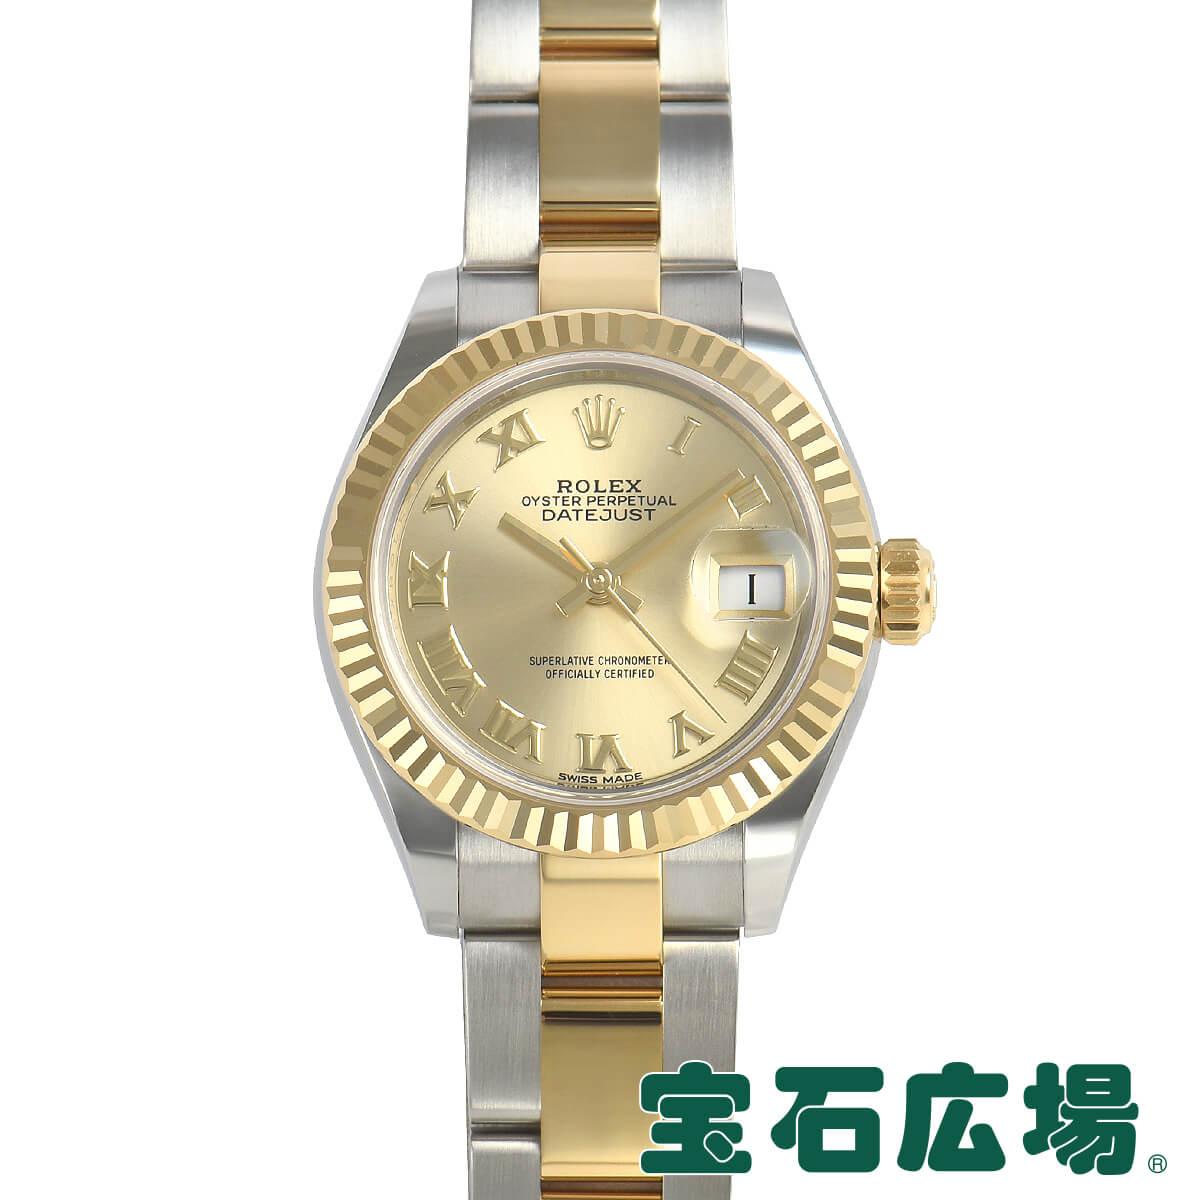 【送料無料キャンペーン?】 ロレックス ROLEX レディ デイトジャスト28 レディ 279173 ROLEX 腕時計【新品】レディース 腕時計 送料無料, webby mono:32e1bec9 --- evirs.sk